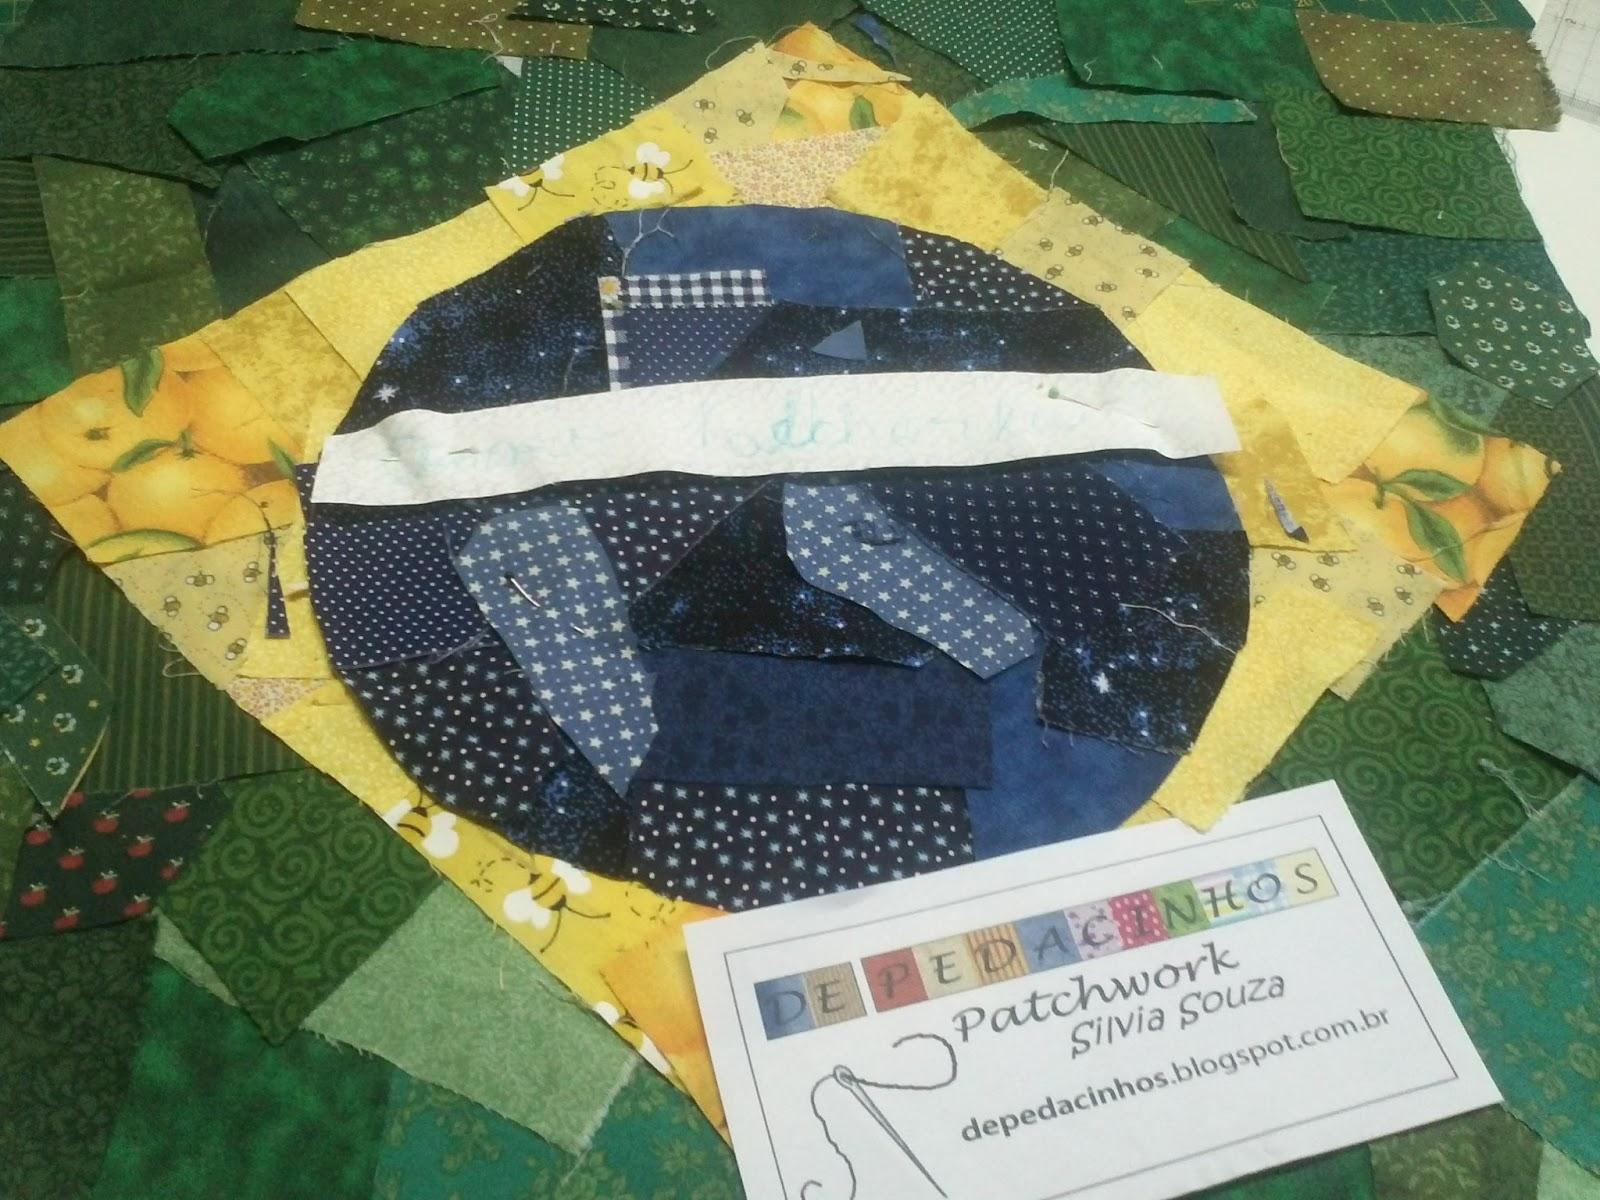 Pedacinhos de patchwork designs